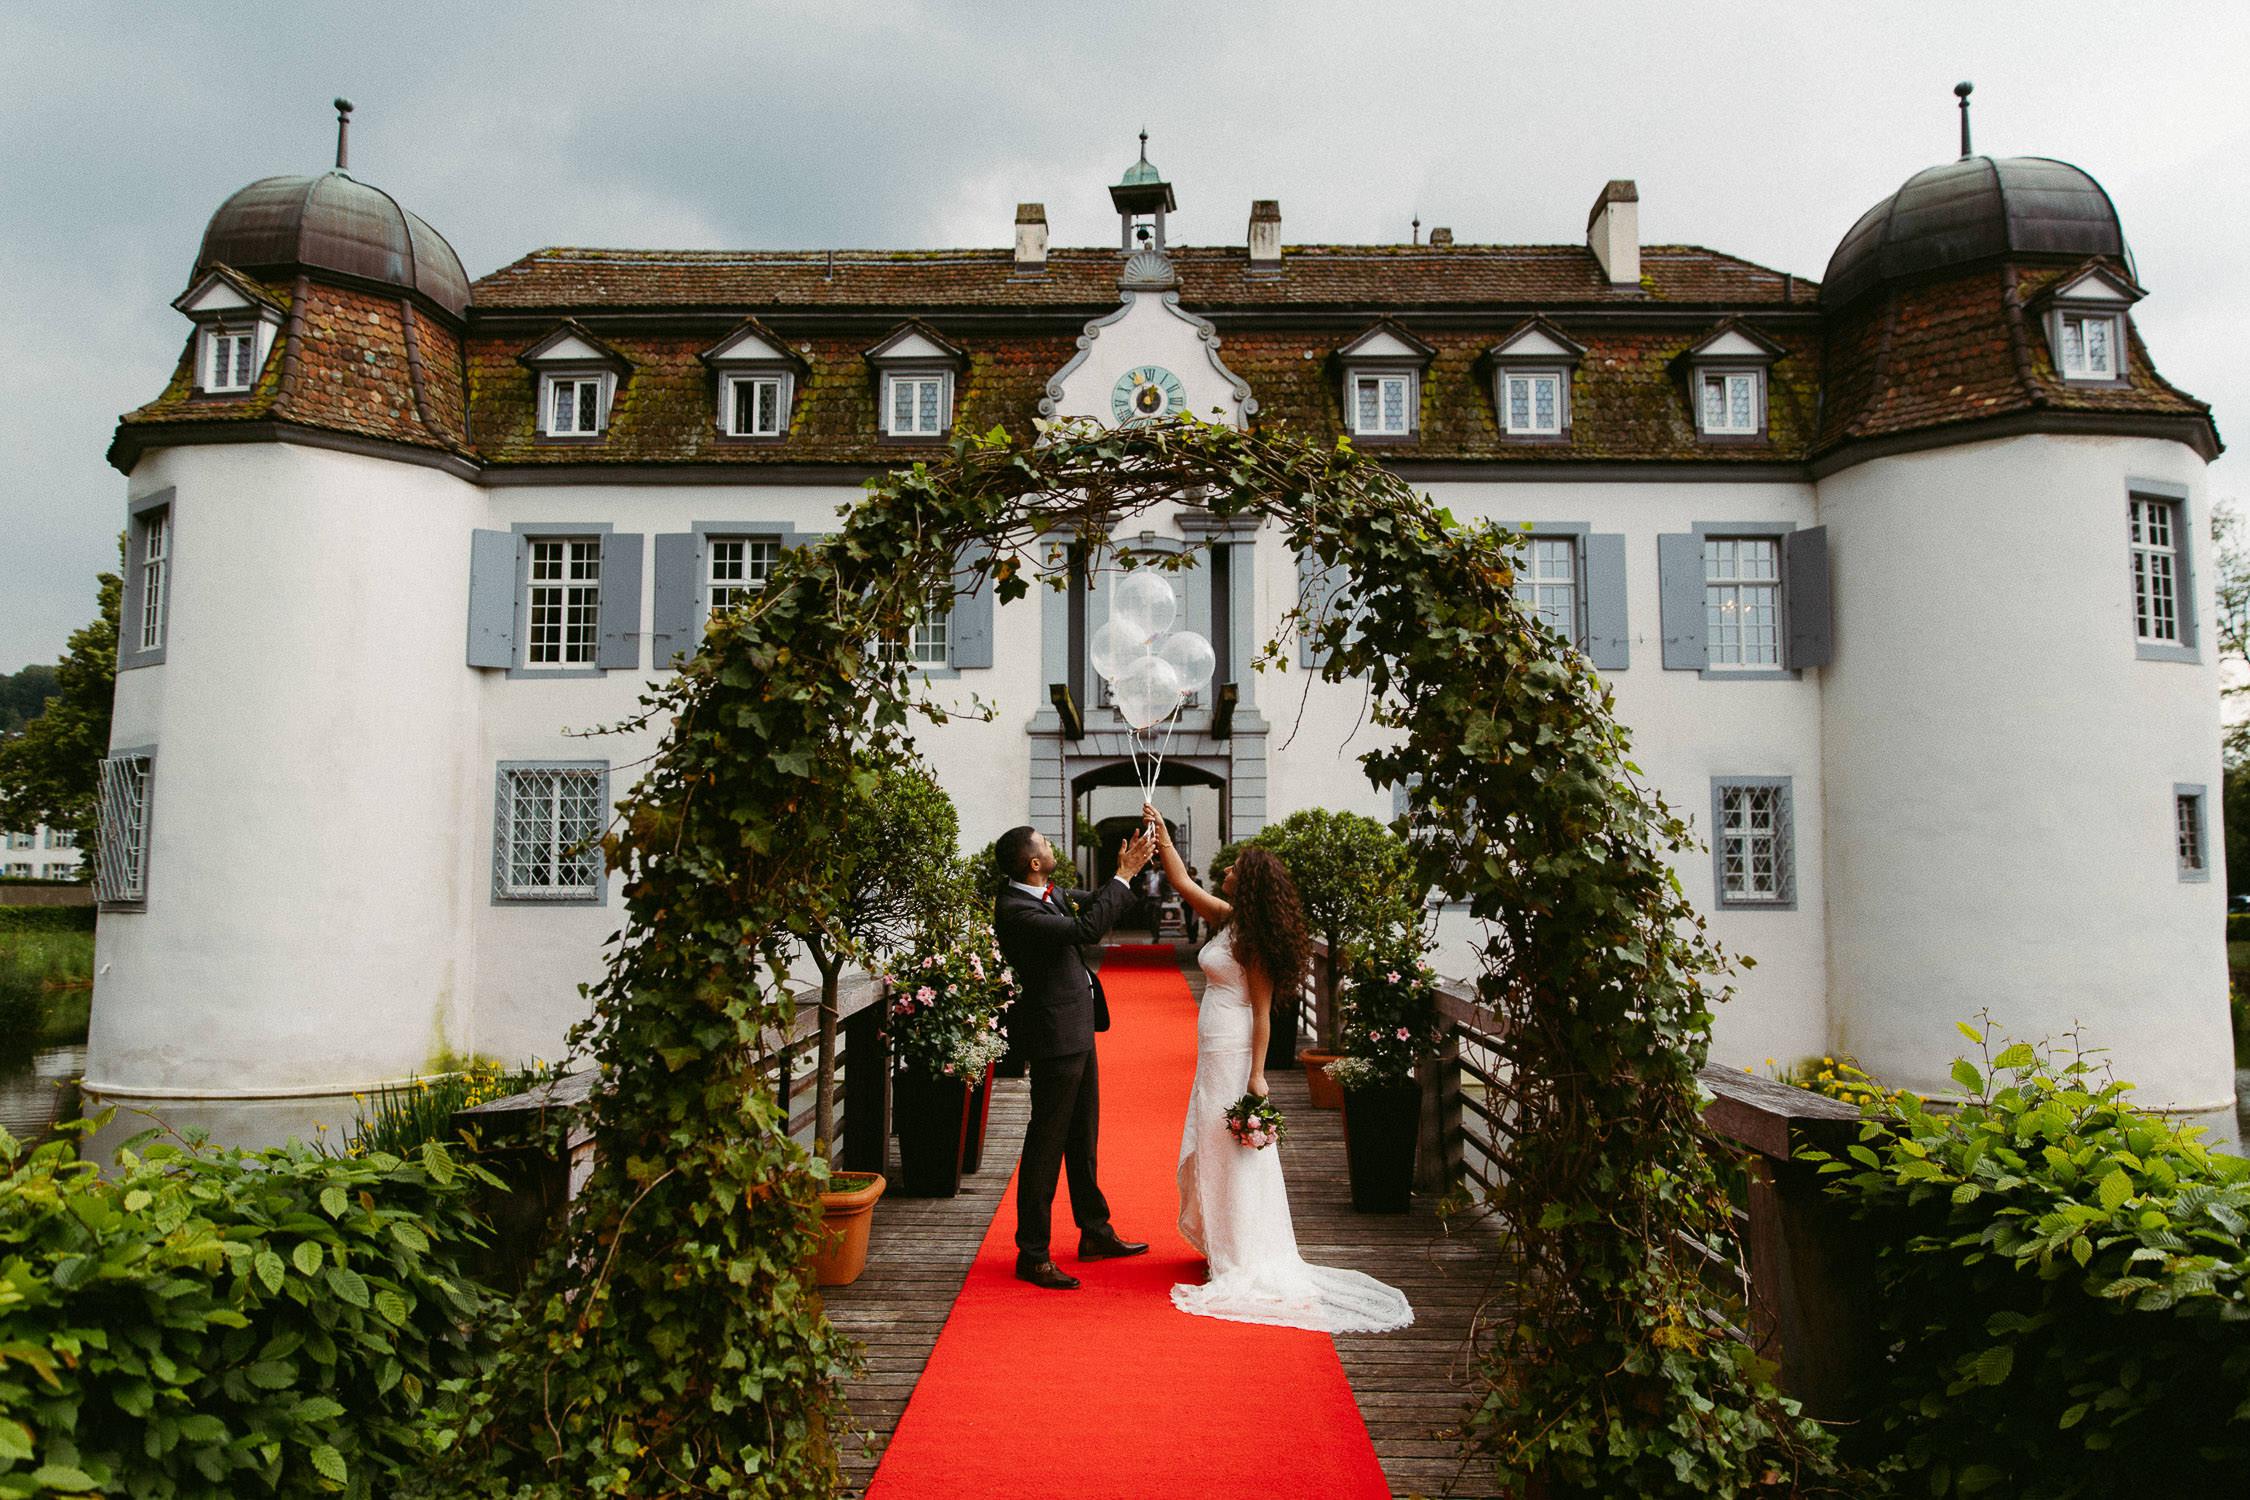 hochzeitsfotograf-kerim-kivrak-basel-hochzeitslocation-zivilstandsamt-schweiz-rheinfelden-wedding-photographer-trauung-standesamt-münchen-hochzeitsfotoalbum-hochzeitsdeko-0046